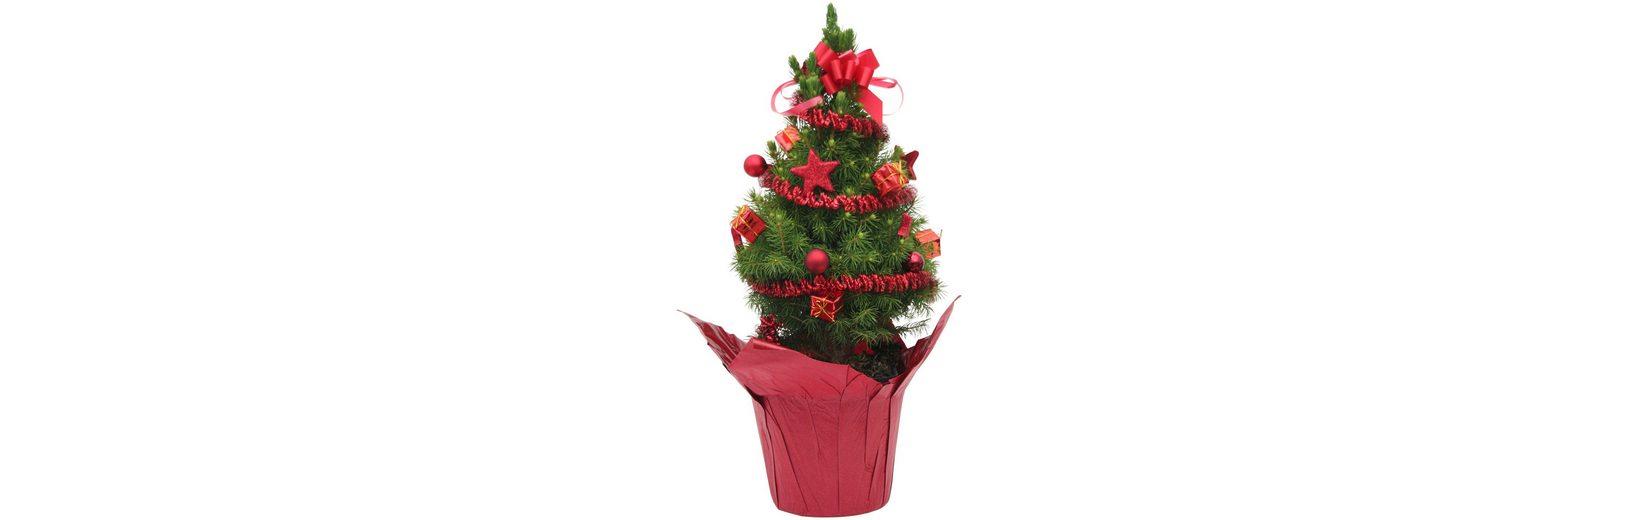 Konifere »Weihnachtsbaum« rot, Lieferhöhe: 25 cm